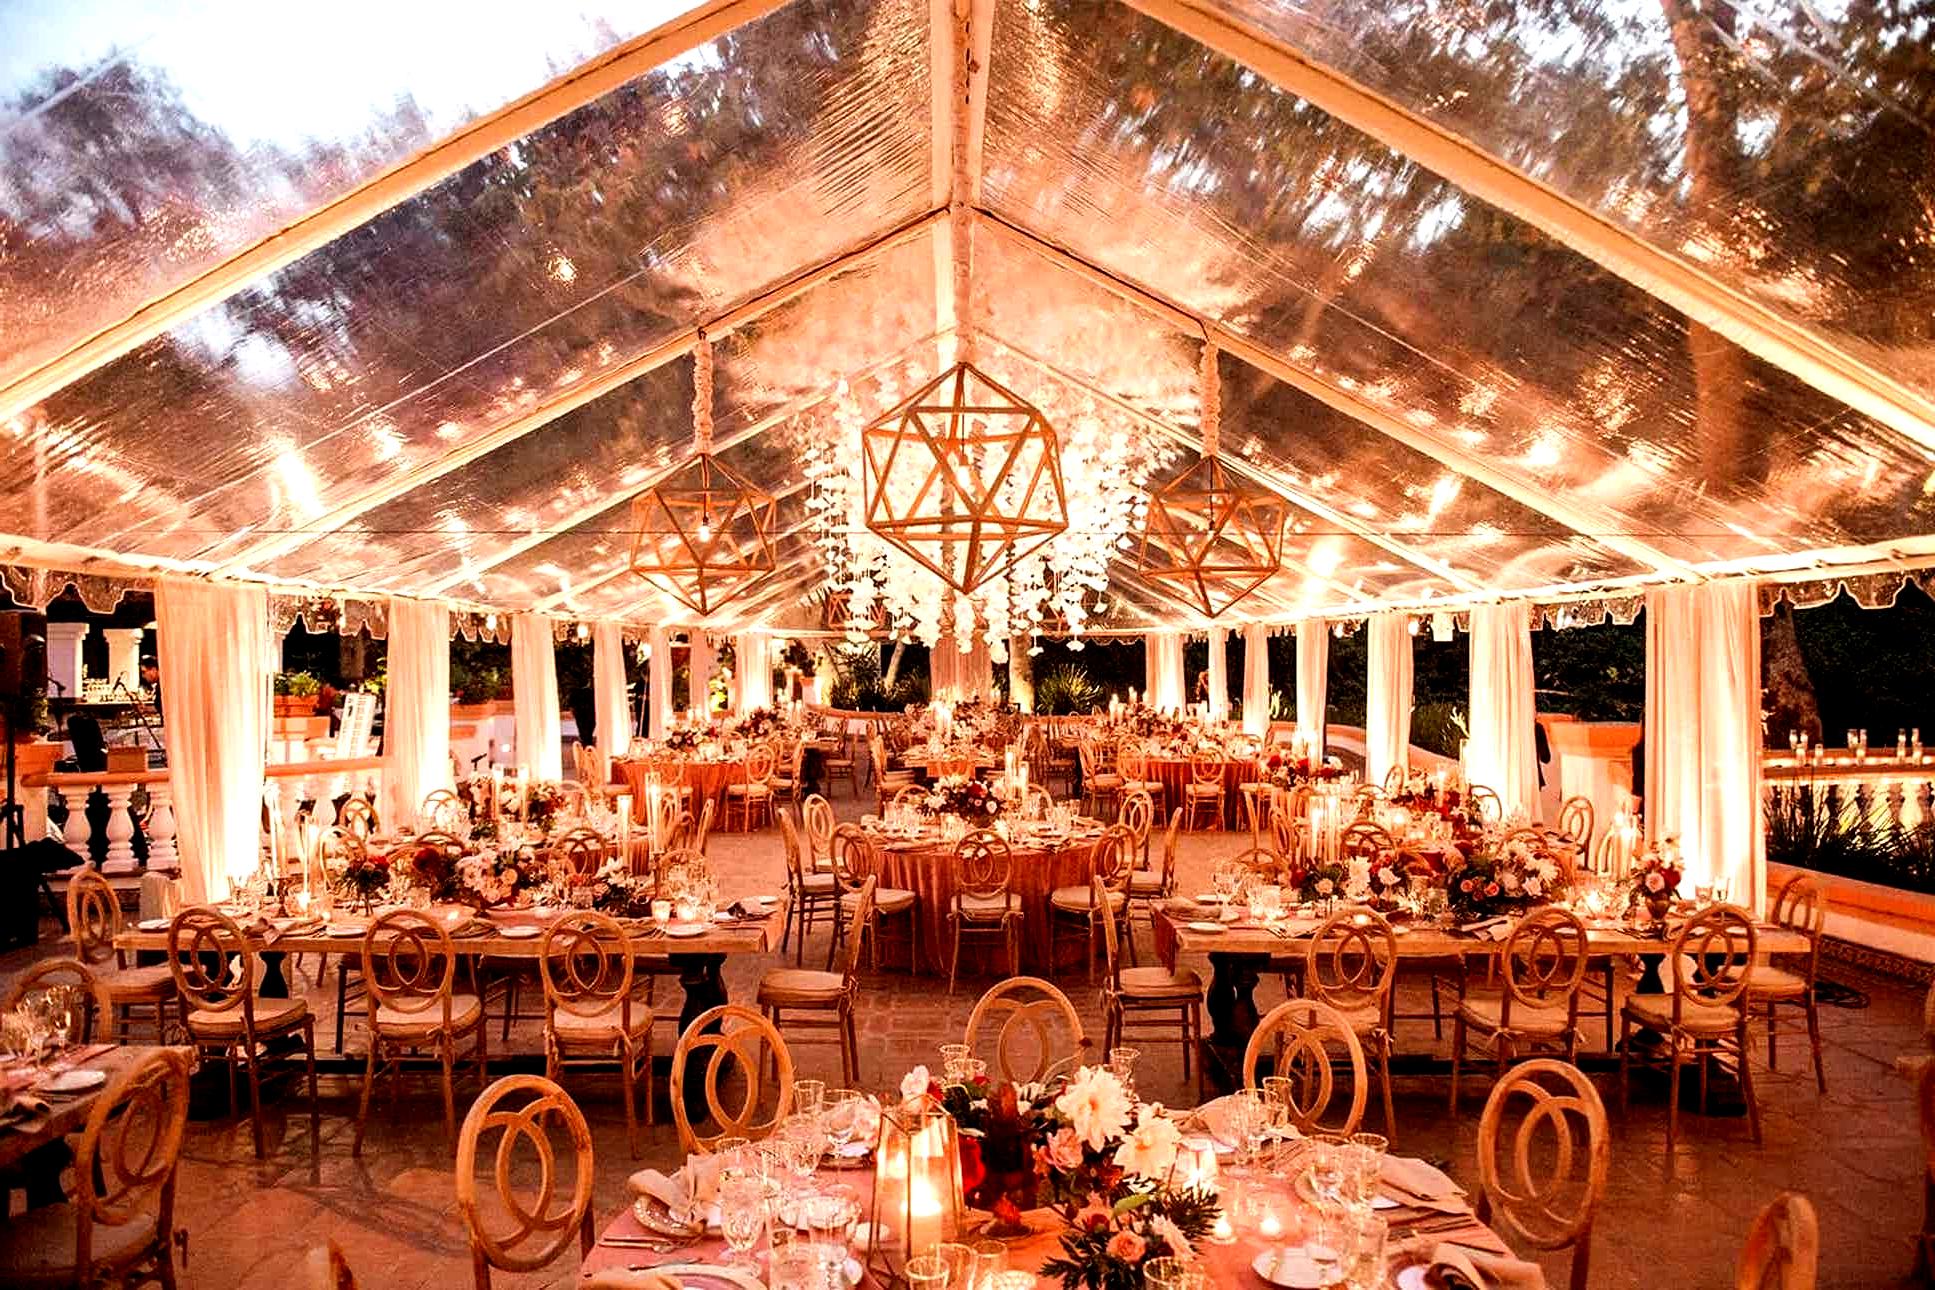 Rancho Las Lomas Garden Wedding Venue Orange County Wedding Location S Wedding Reception Southern California Wedding Southern California Orange County Wedding